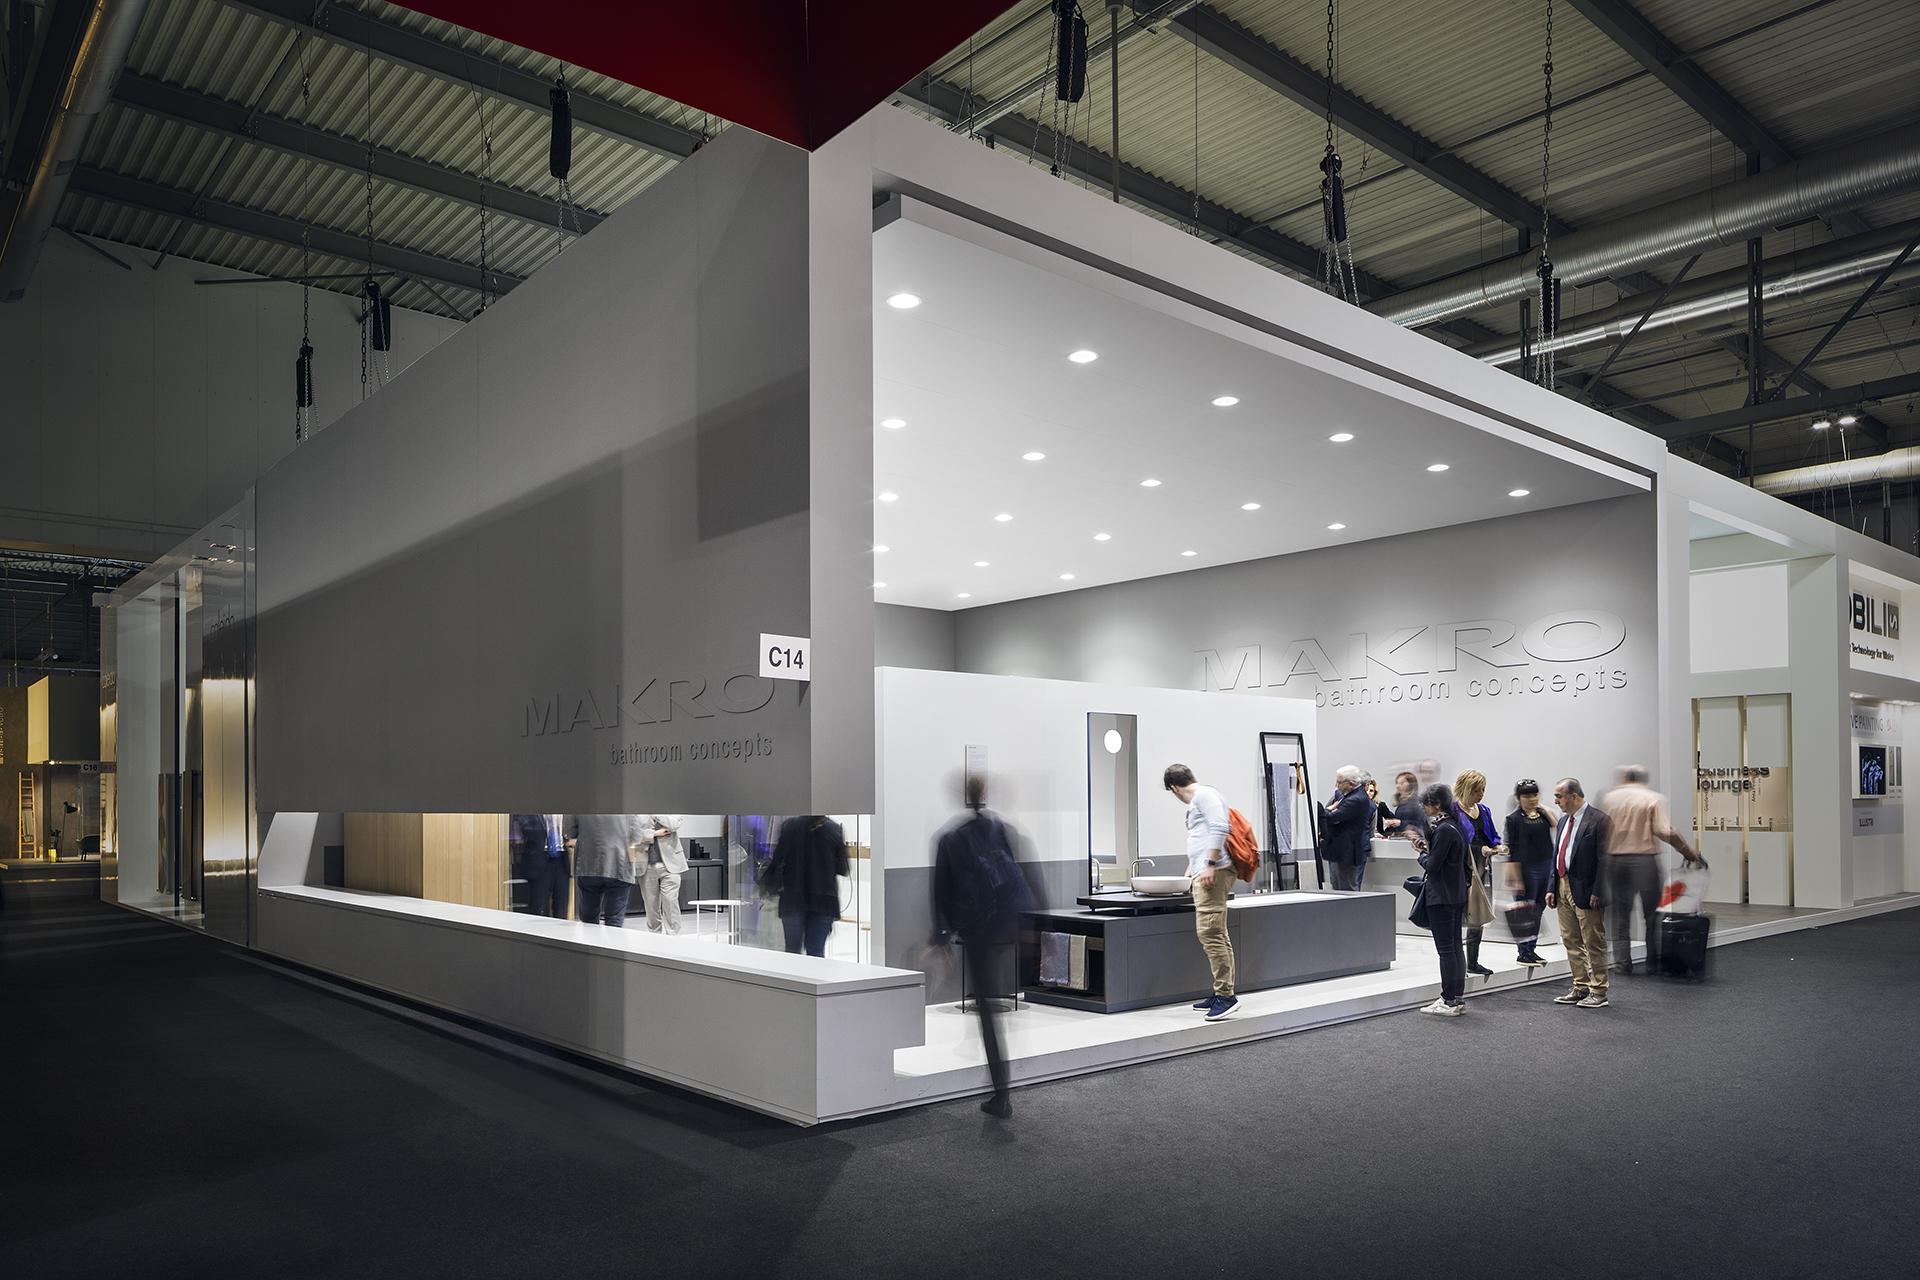 Makro salone del mobile studio marco taietta for Fiera del mobile bergamo 2016